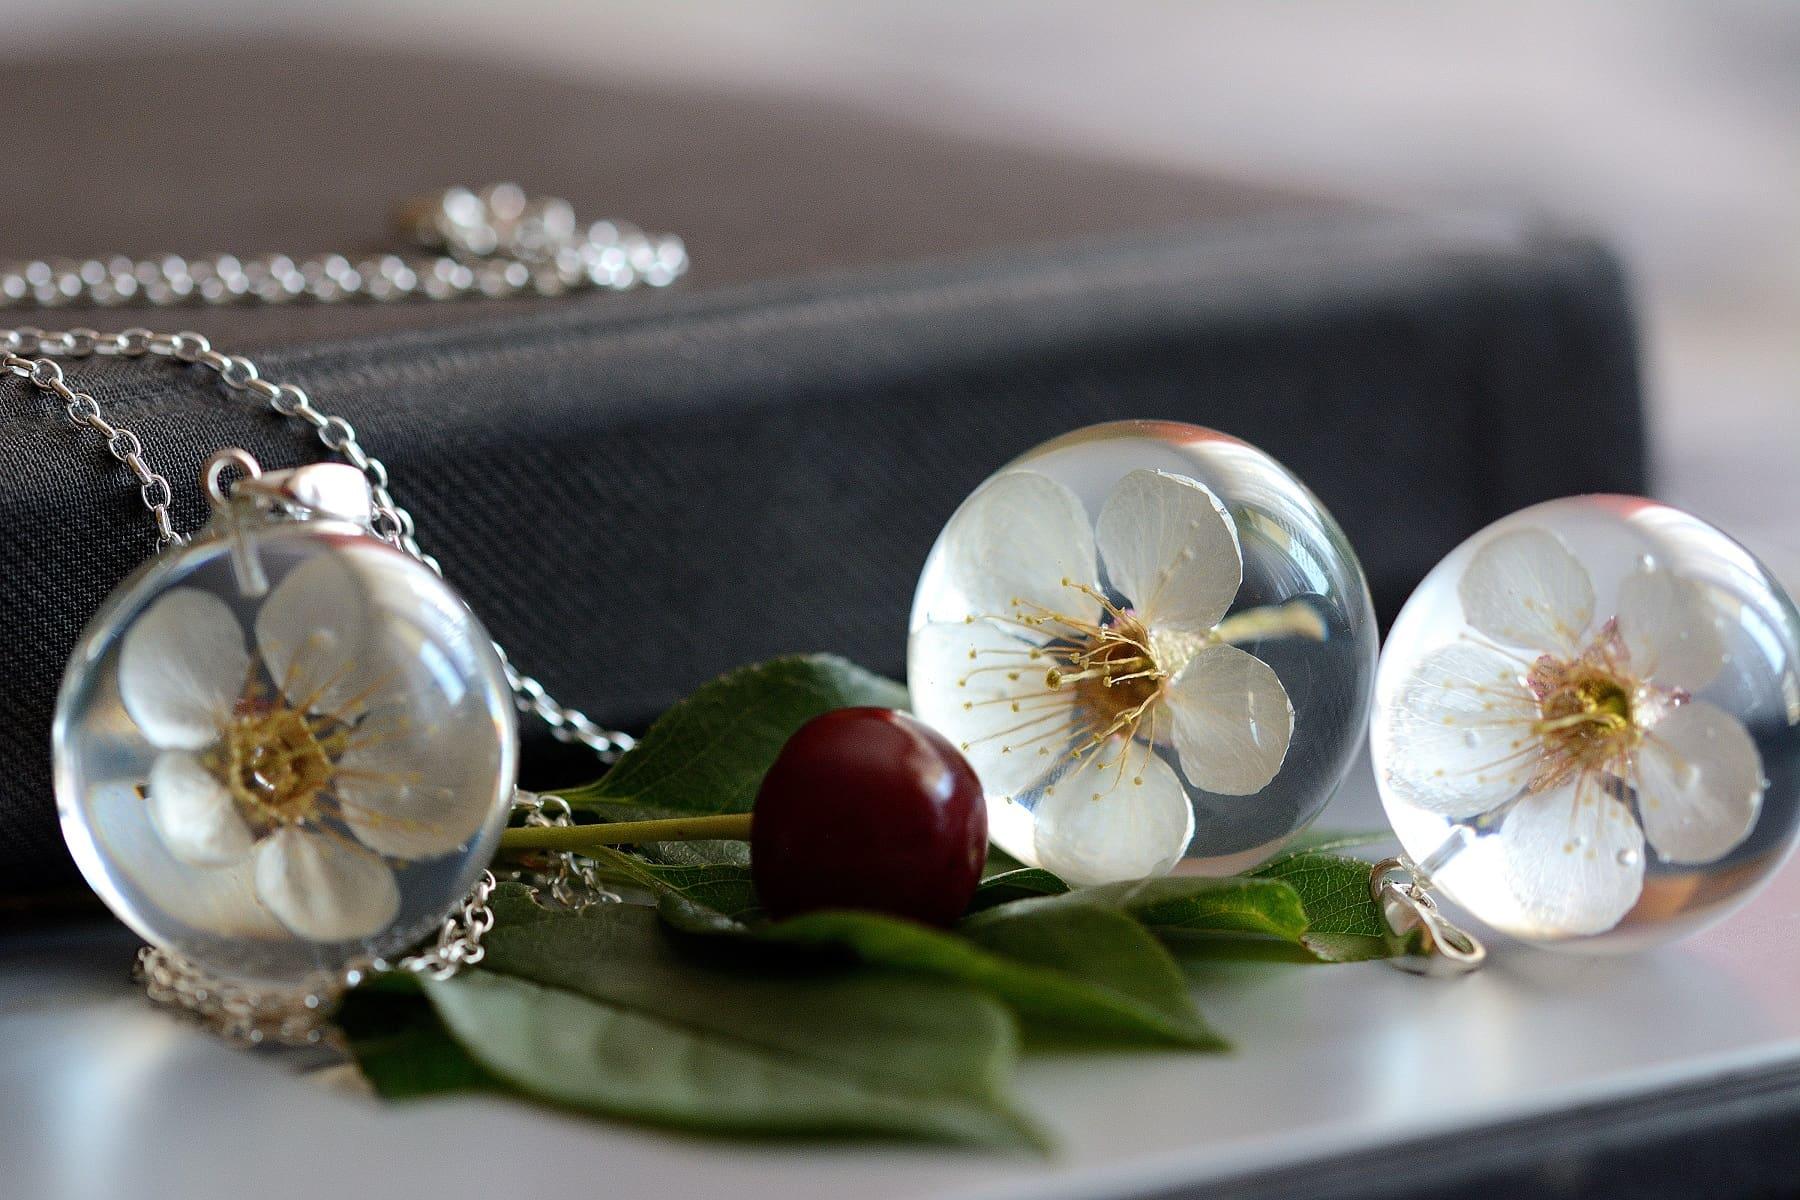 Zawieszka z białym kwiatem wiśni (Prunus sp.)